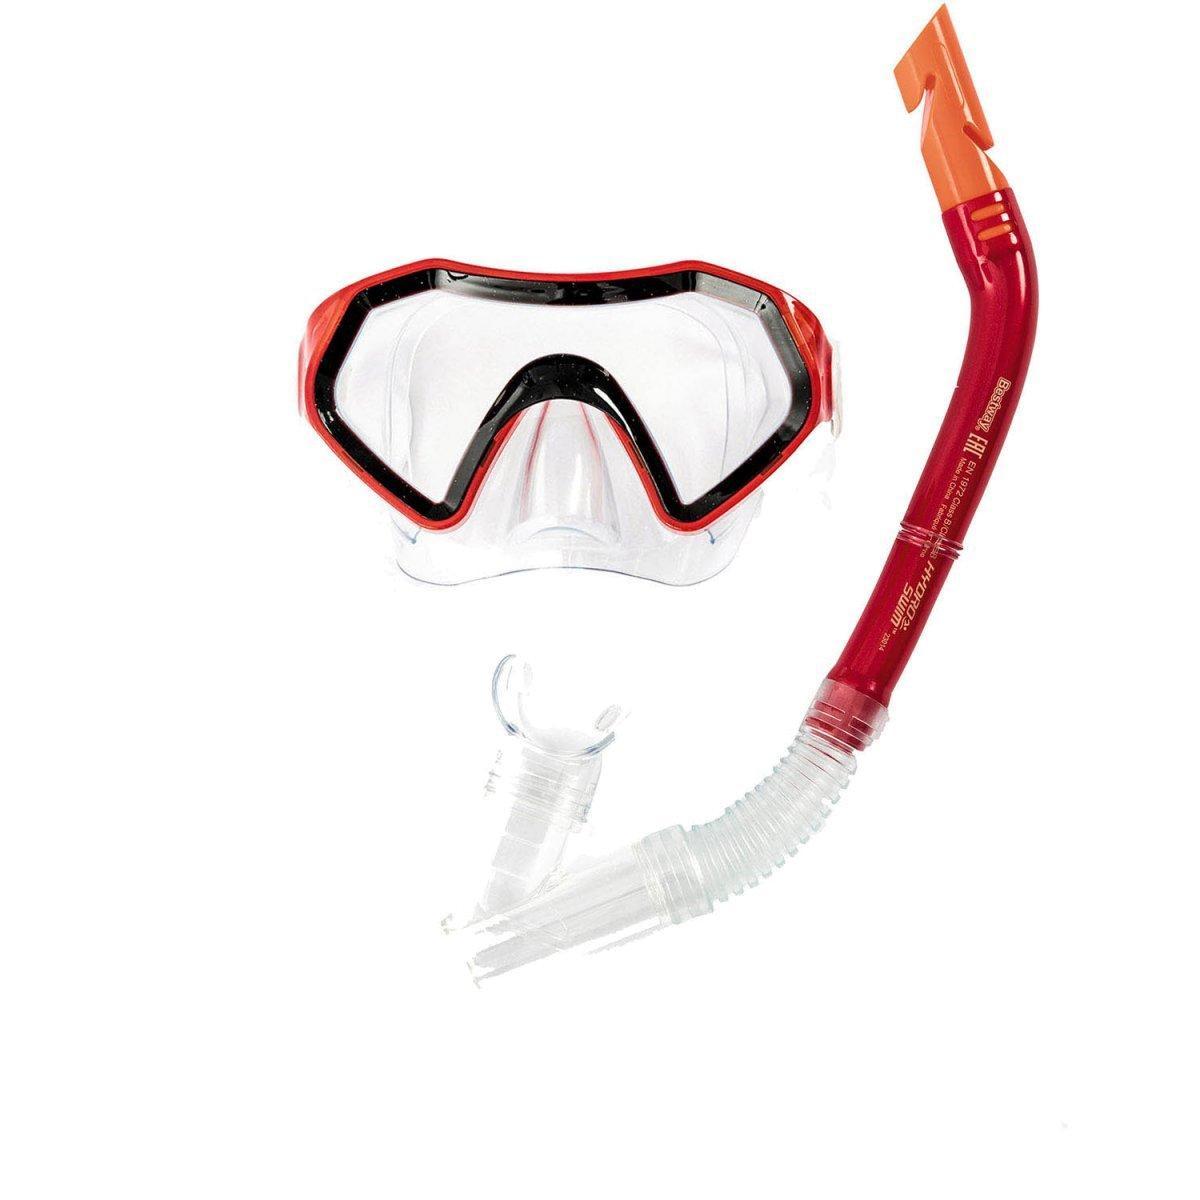 Набор 2 в 1 для ныряния Bestway 24025 (маска: размер M, (6+), обхват головы ≈ 52 см, трубка), красный